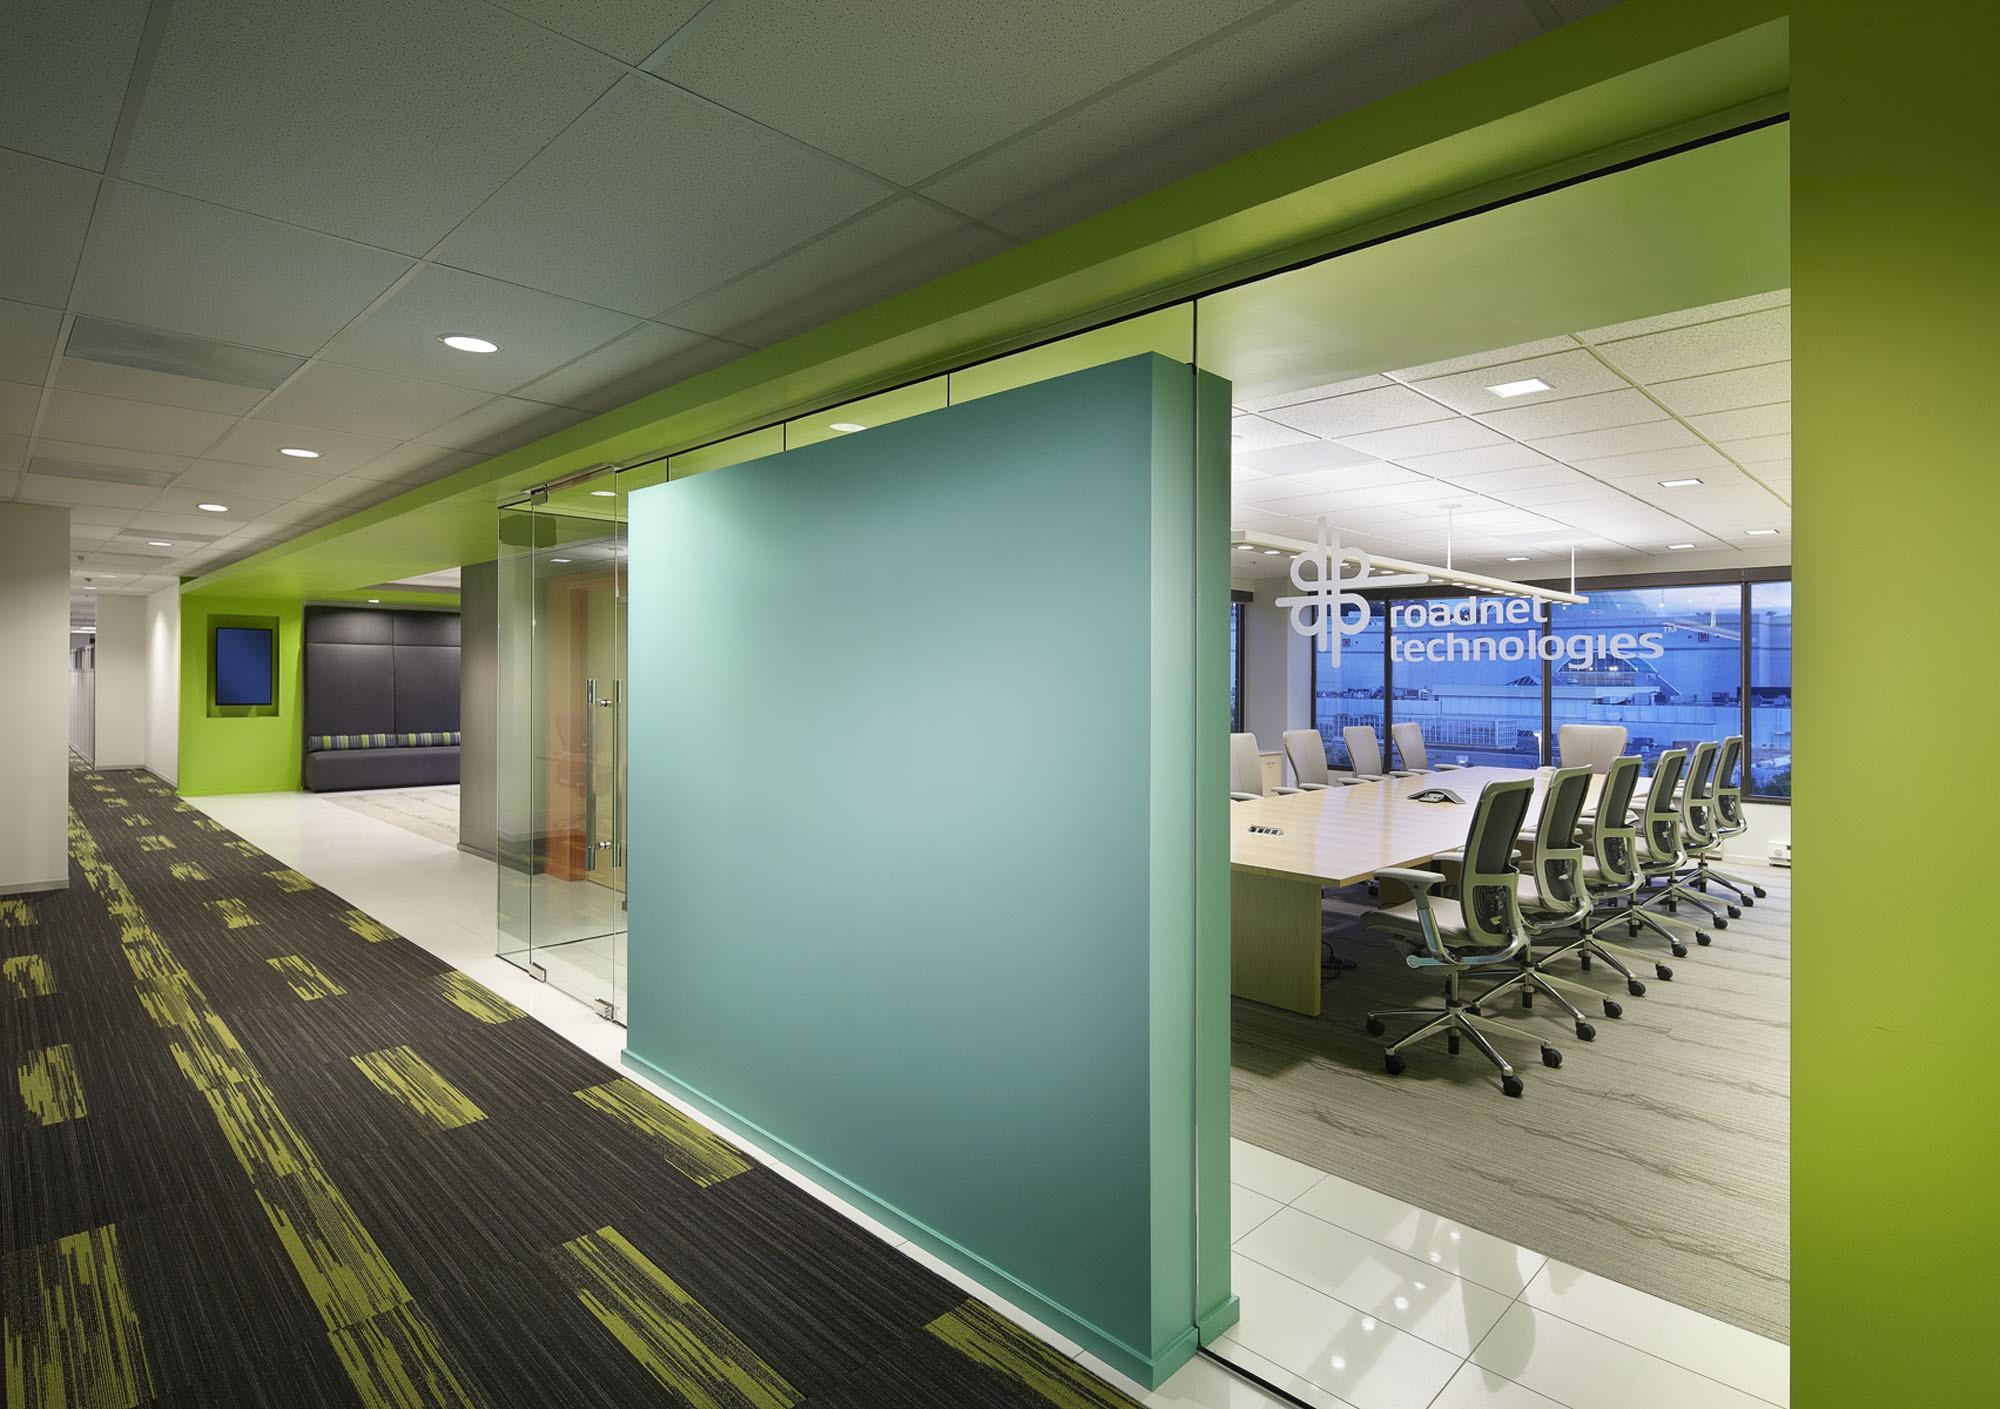 sofas etc towson md sofa for garden room roadnet technologies headquarters  portfolio design